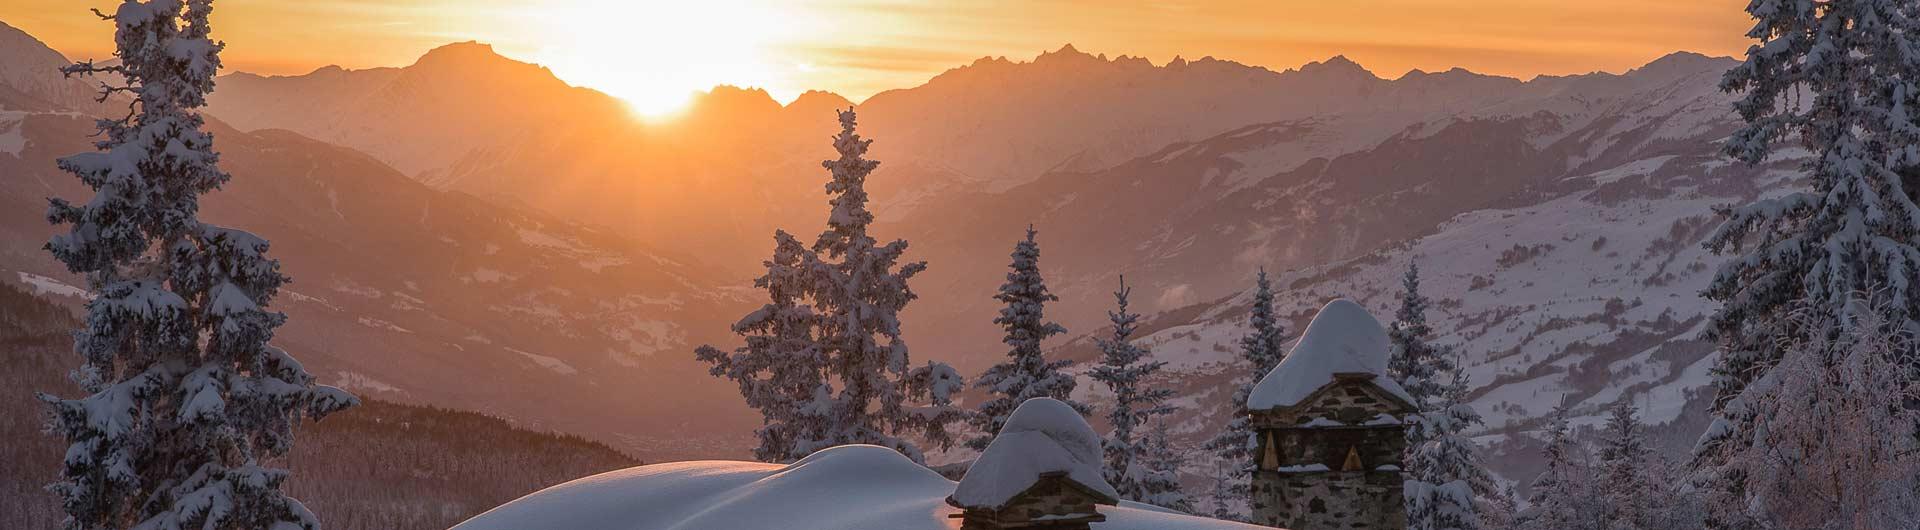 activites-services-la-rosiere-hiver-869